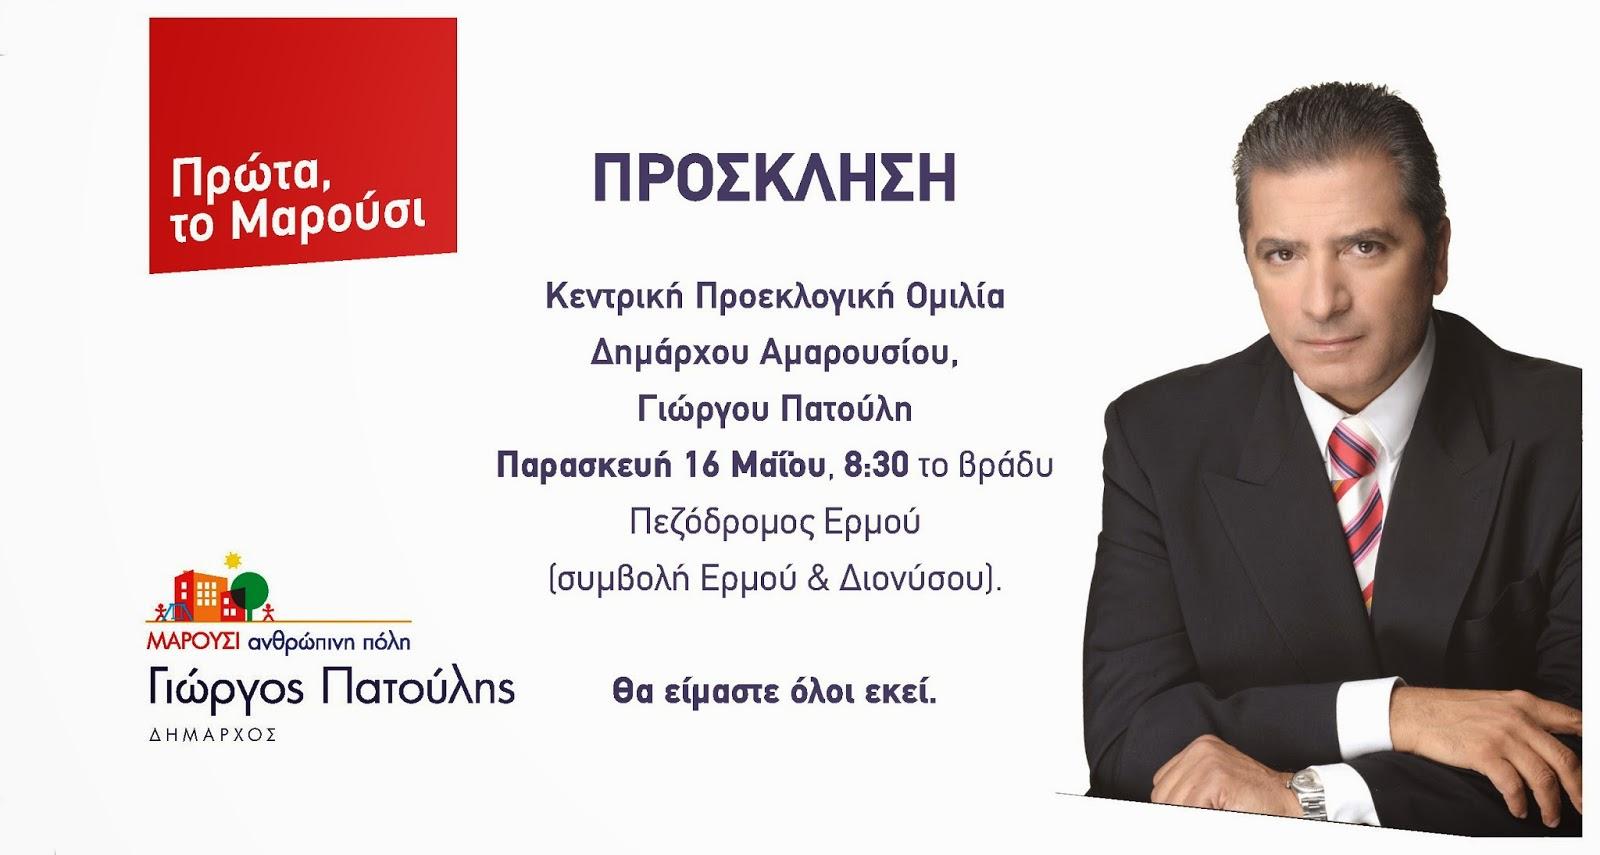 Κεντρική Προεκλογική Ομιλία Δημάρχου Αμαρουσίου Γιώργου Πατούλη Παρασκευή 16 Μαΐου, 8:30 το βράδυ (Πεζόδρομος Ερμού) - Φωτογραφία 2